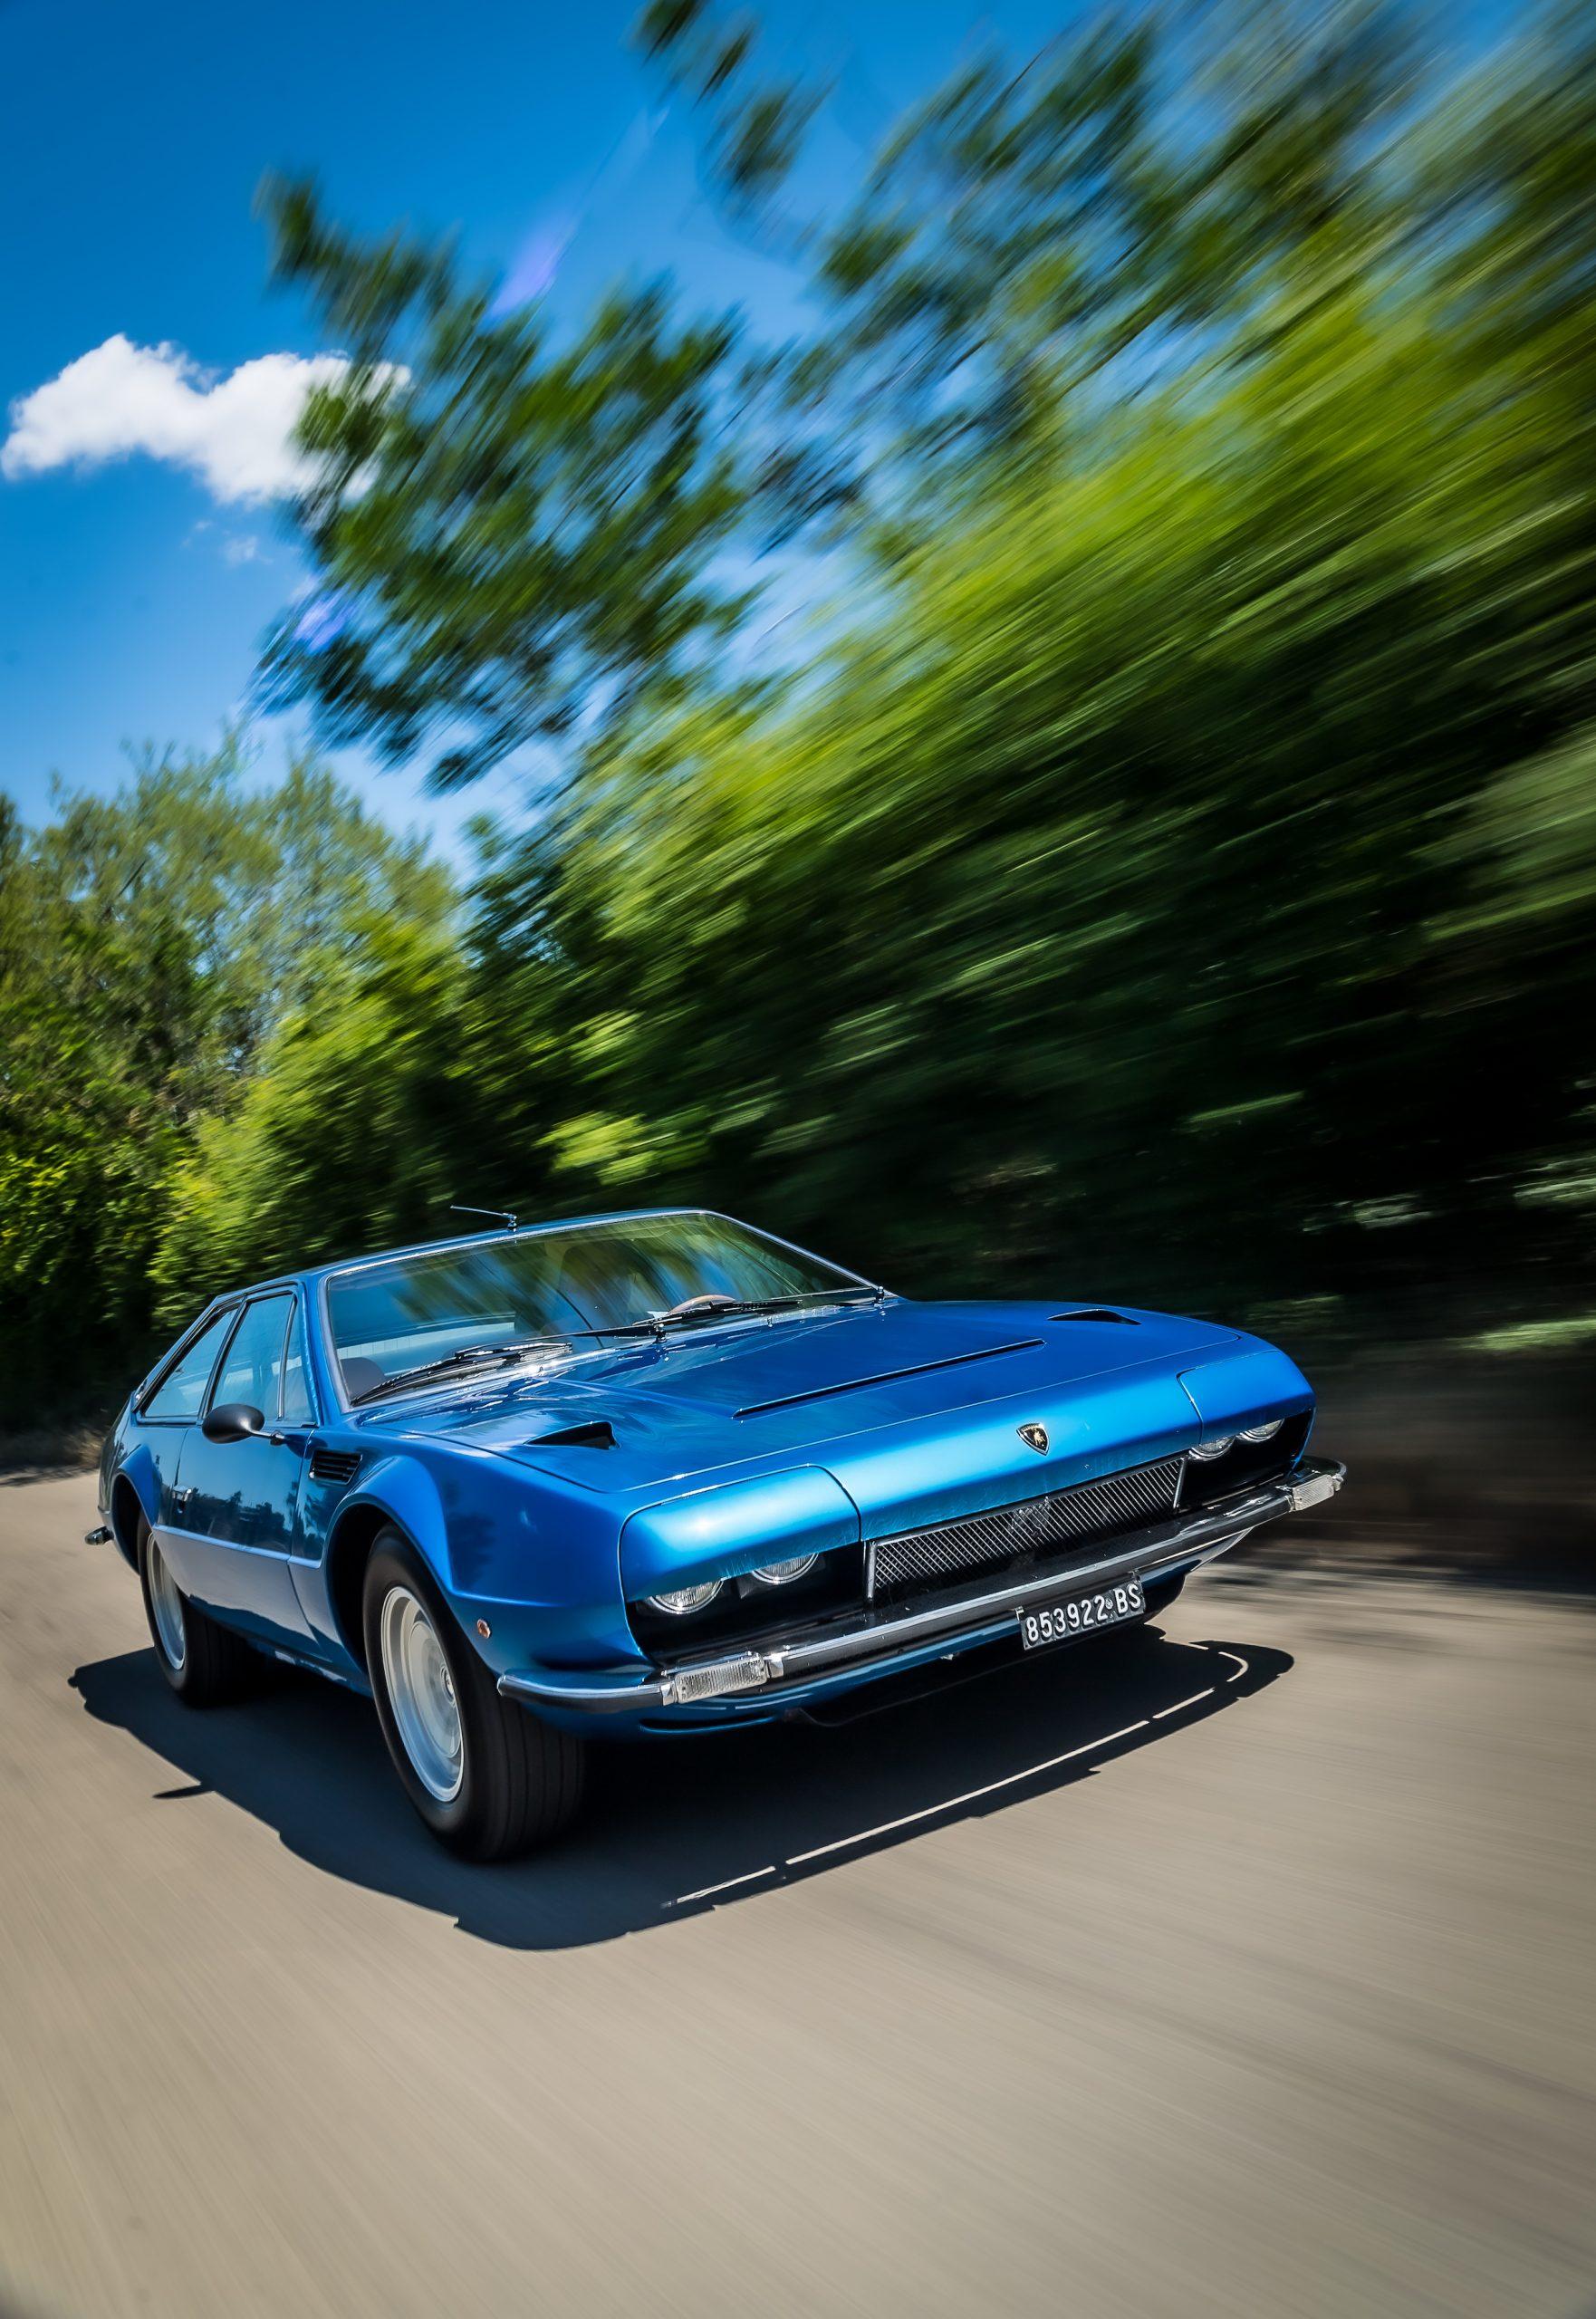 Lamborghini Jarama GT Anniversary 20